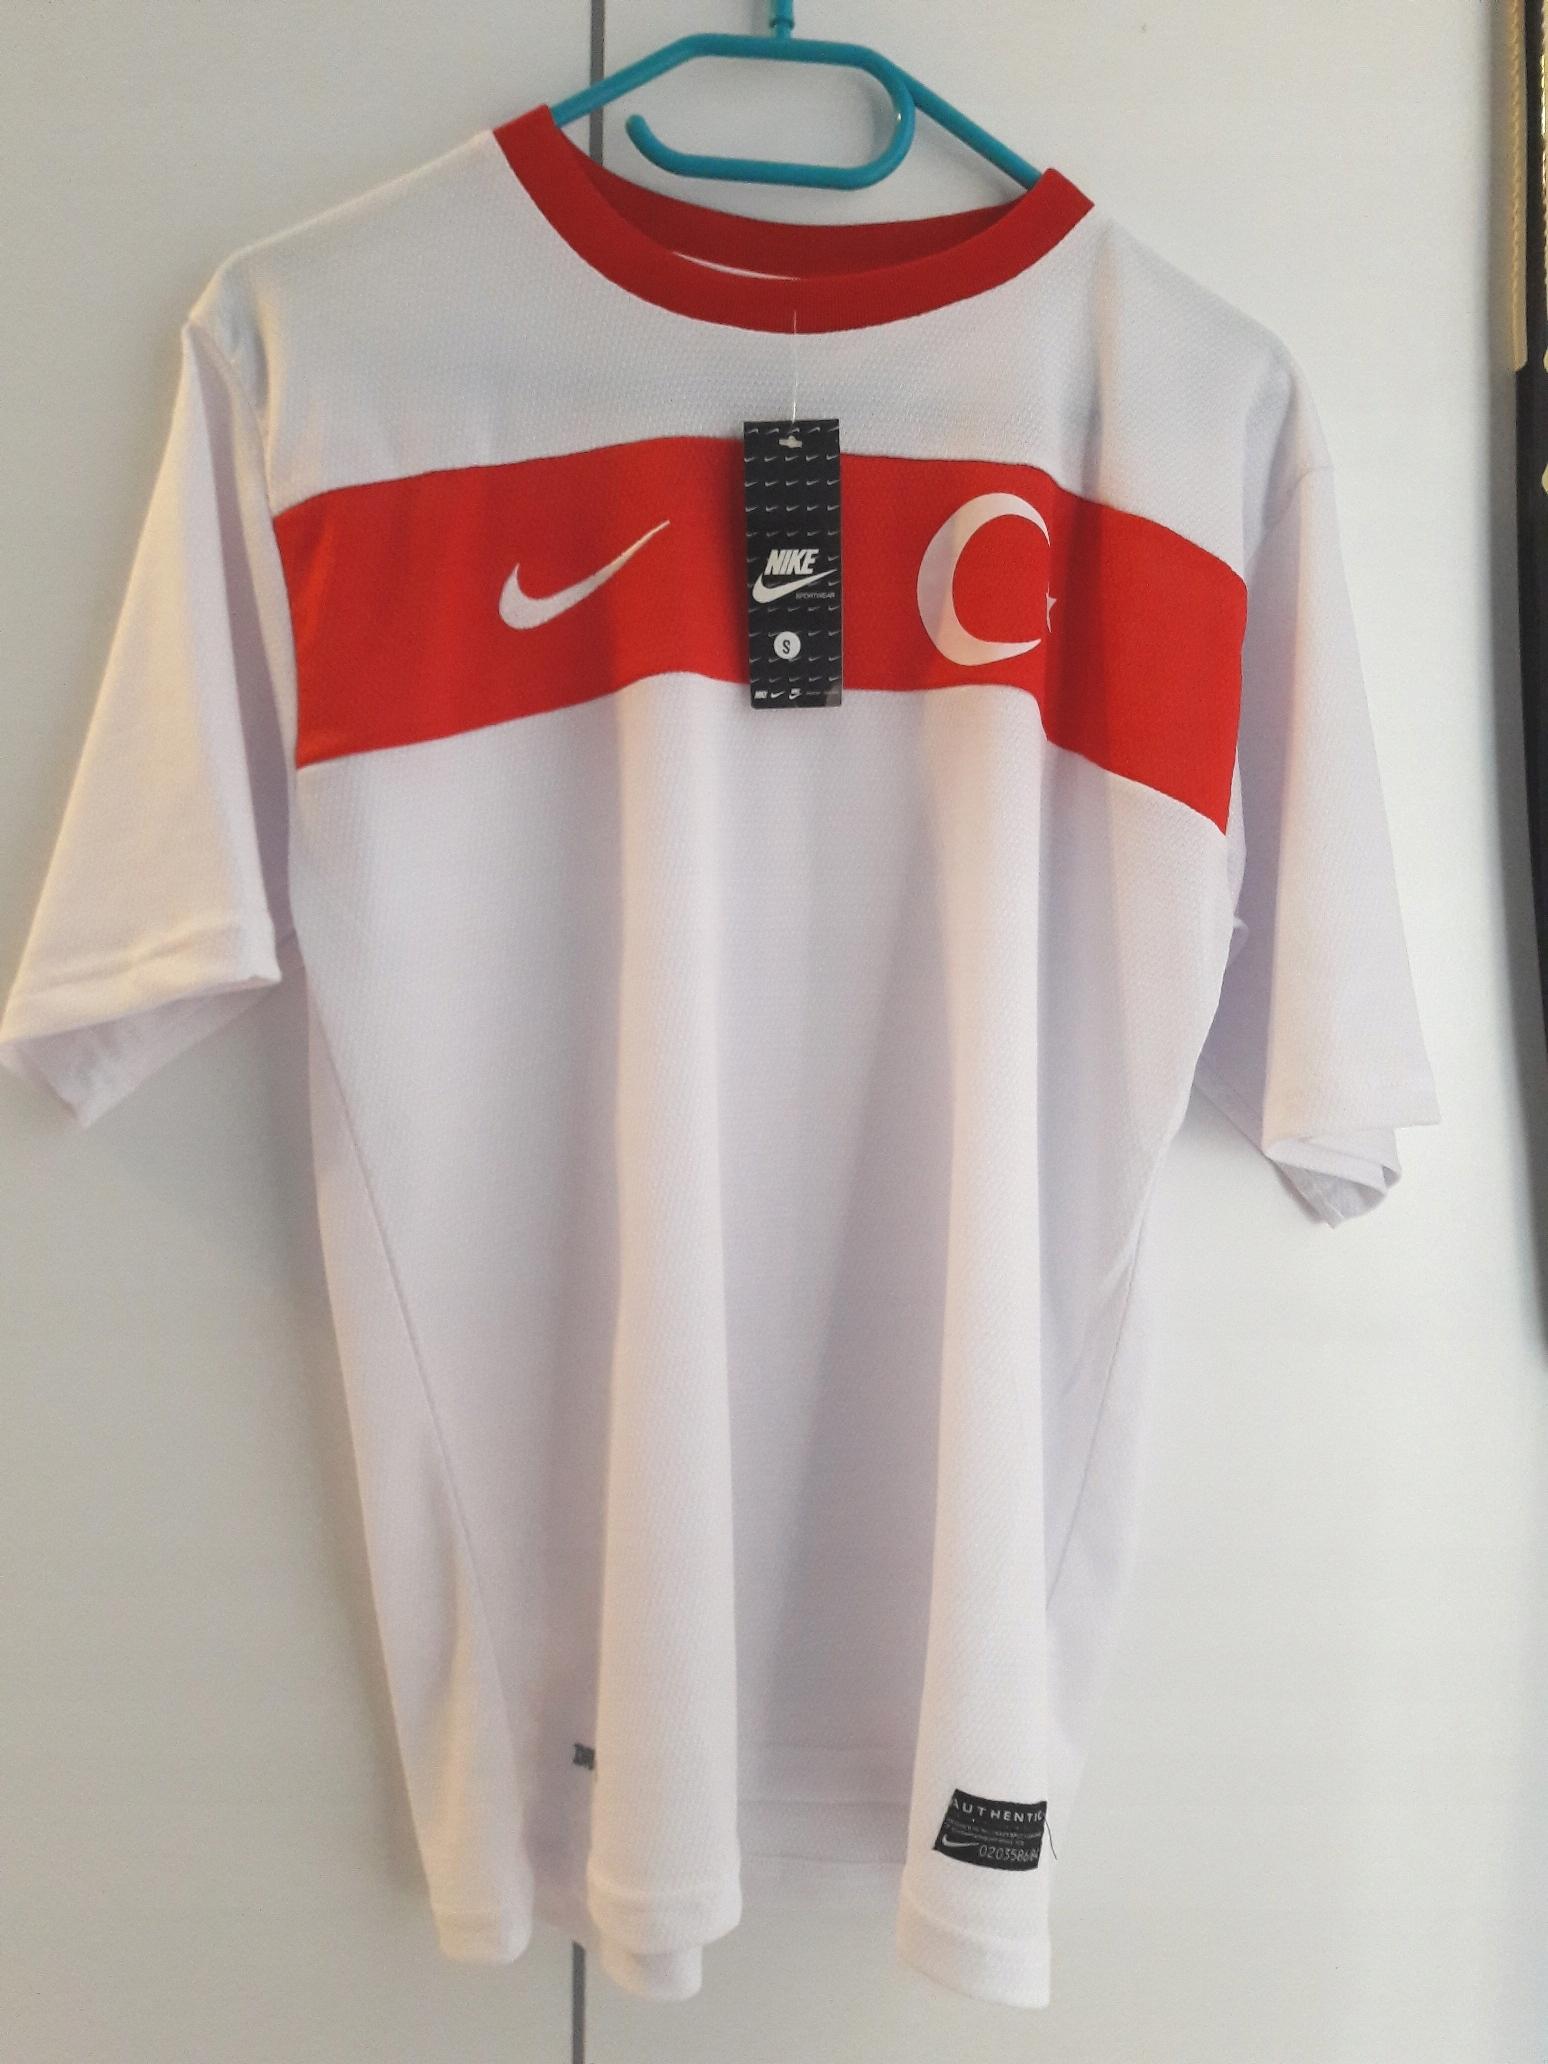 Koszulka kibica reprezentacji Turcji NIKE - S